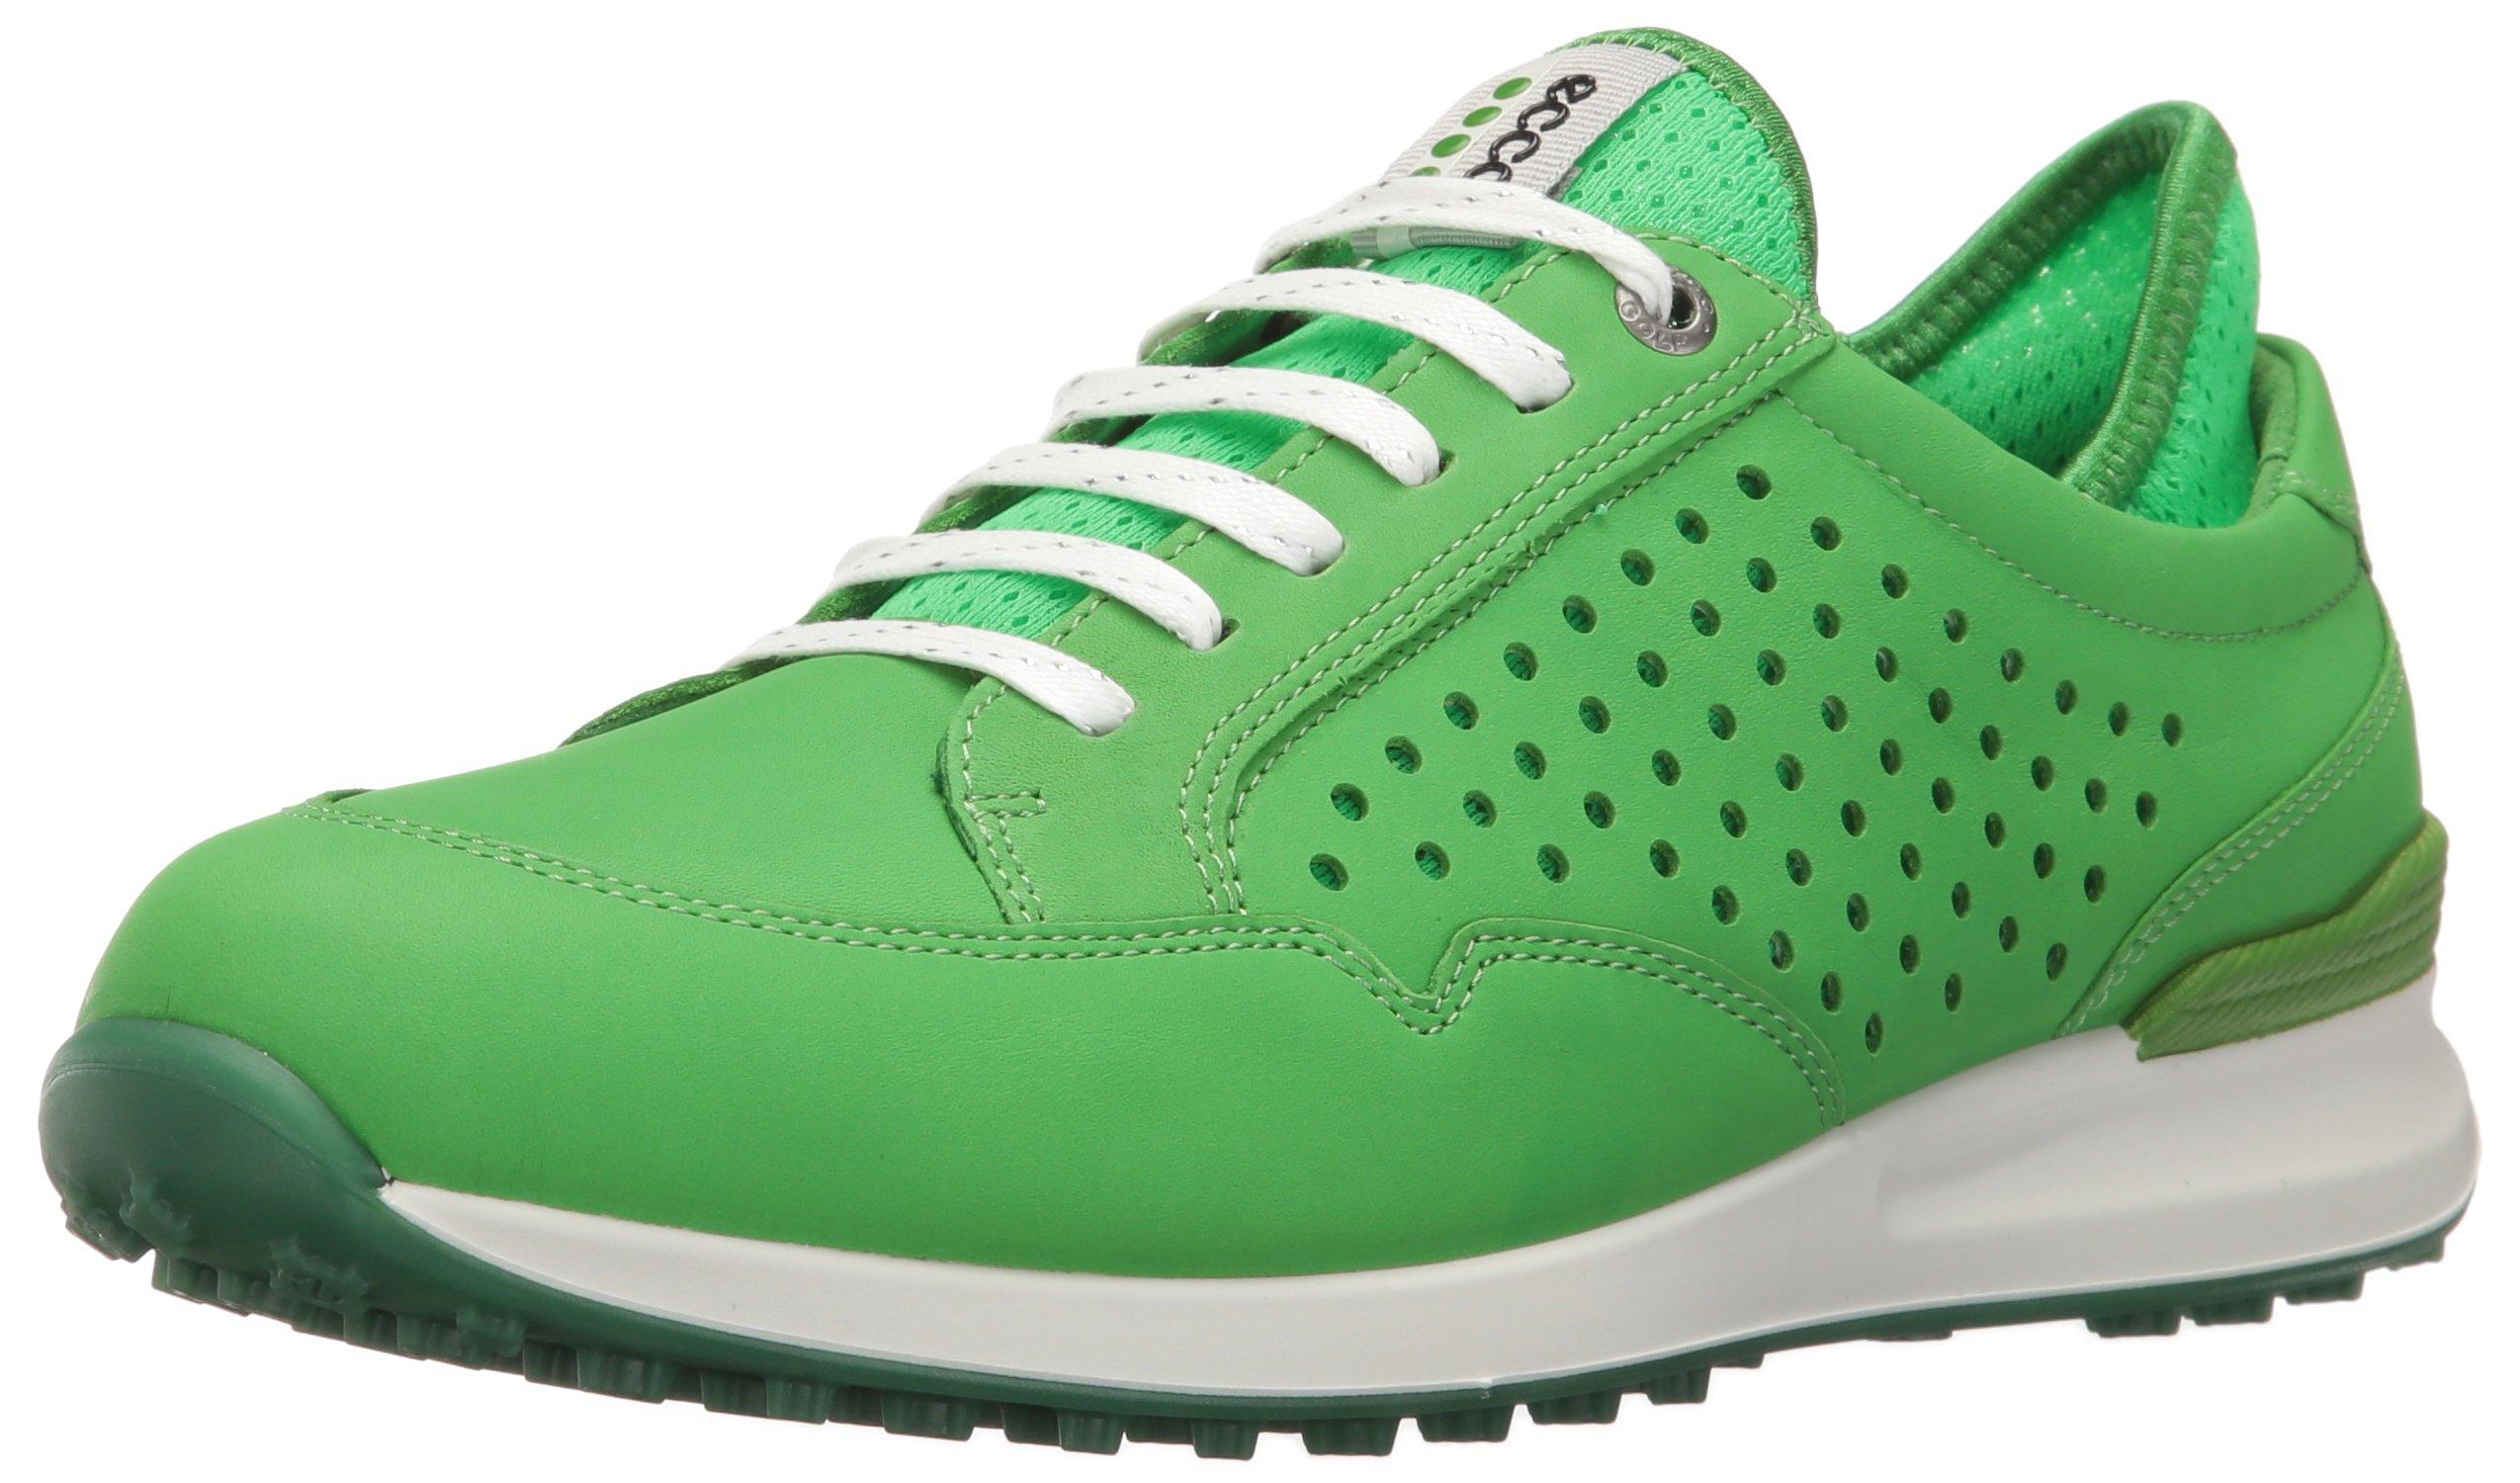 ECCO Women's Speed Hybrid Golf Shoe, Meadow/Toucan Neon, 41 EU/10-10.5 M US